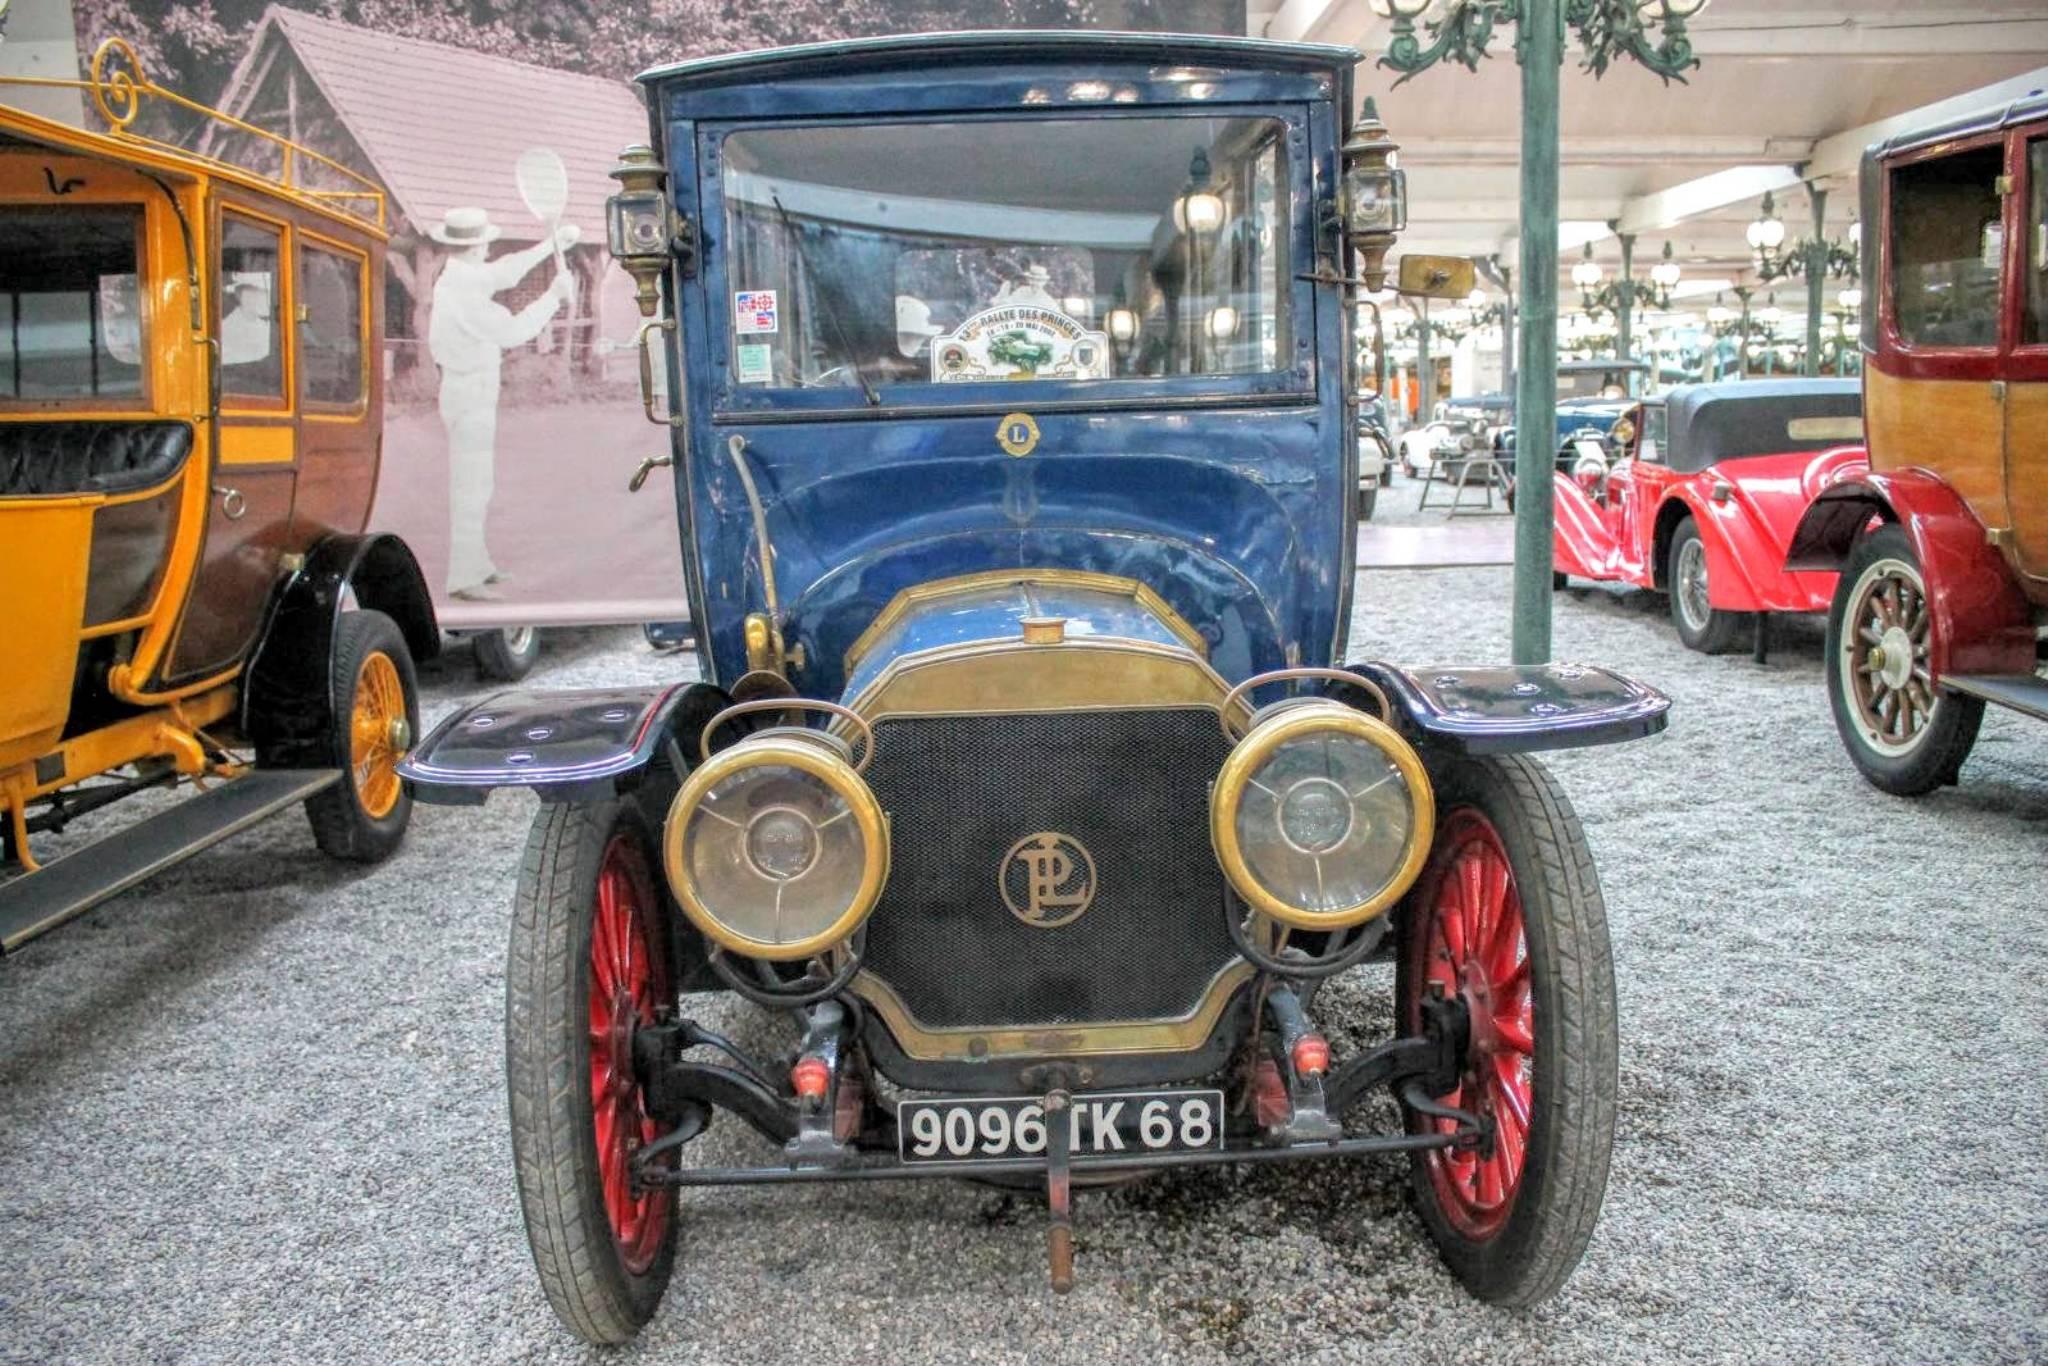 1912 Daimler Coupe Chauffeur TE 20